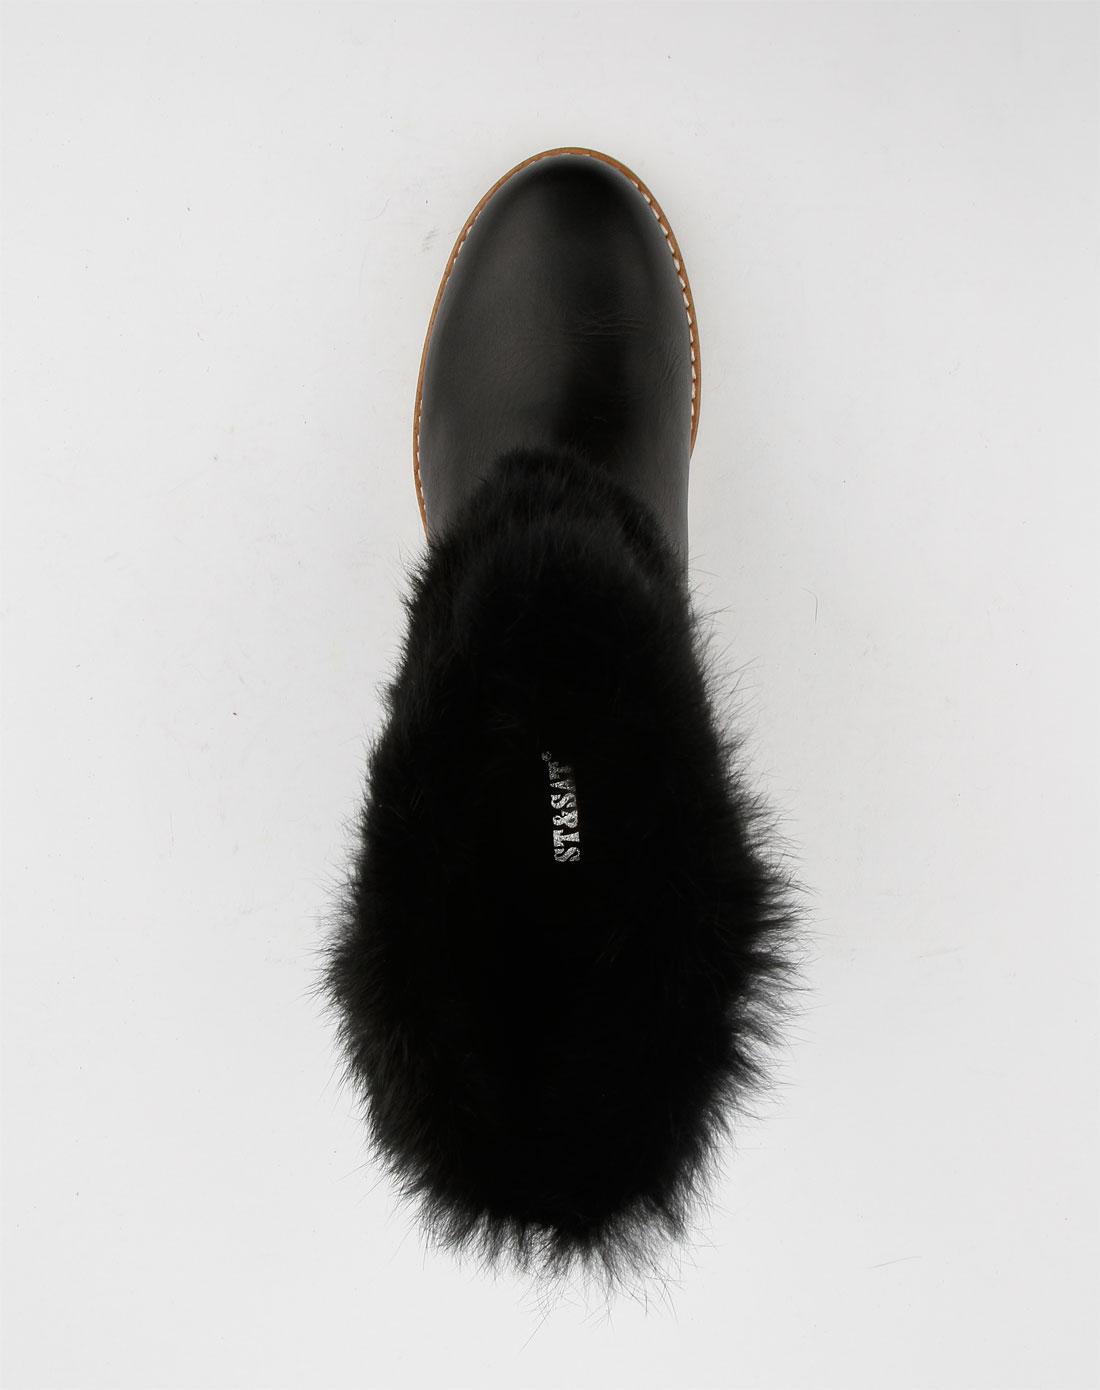 休闲平底短靴ss14s74d